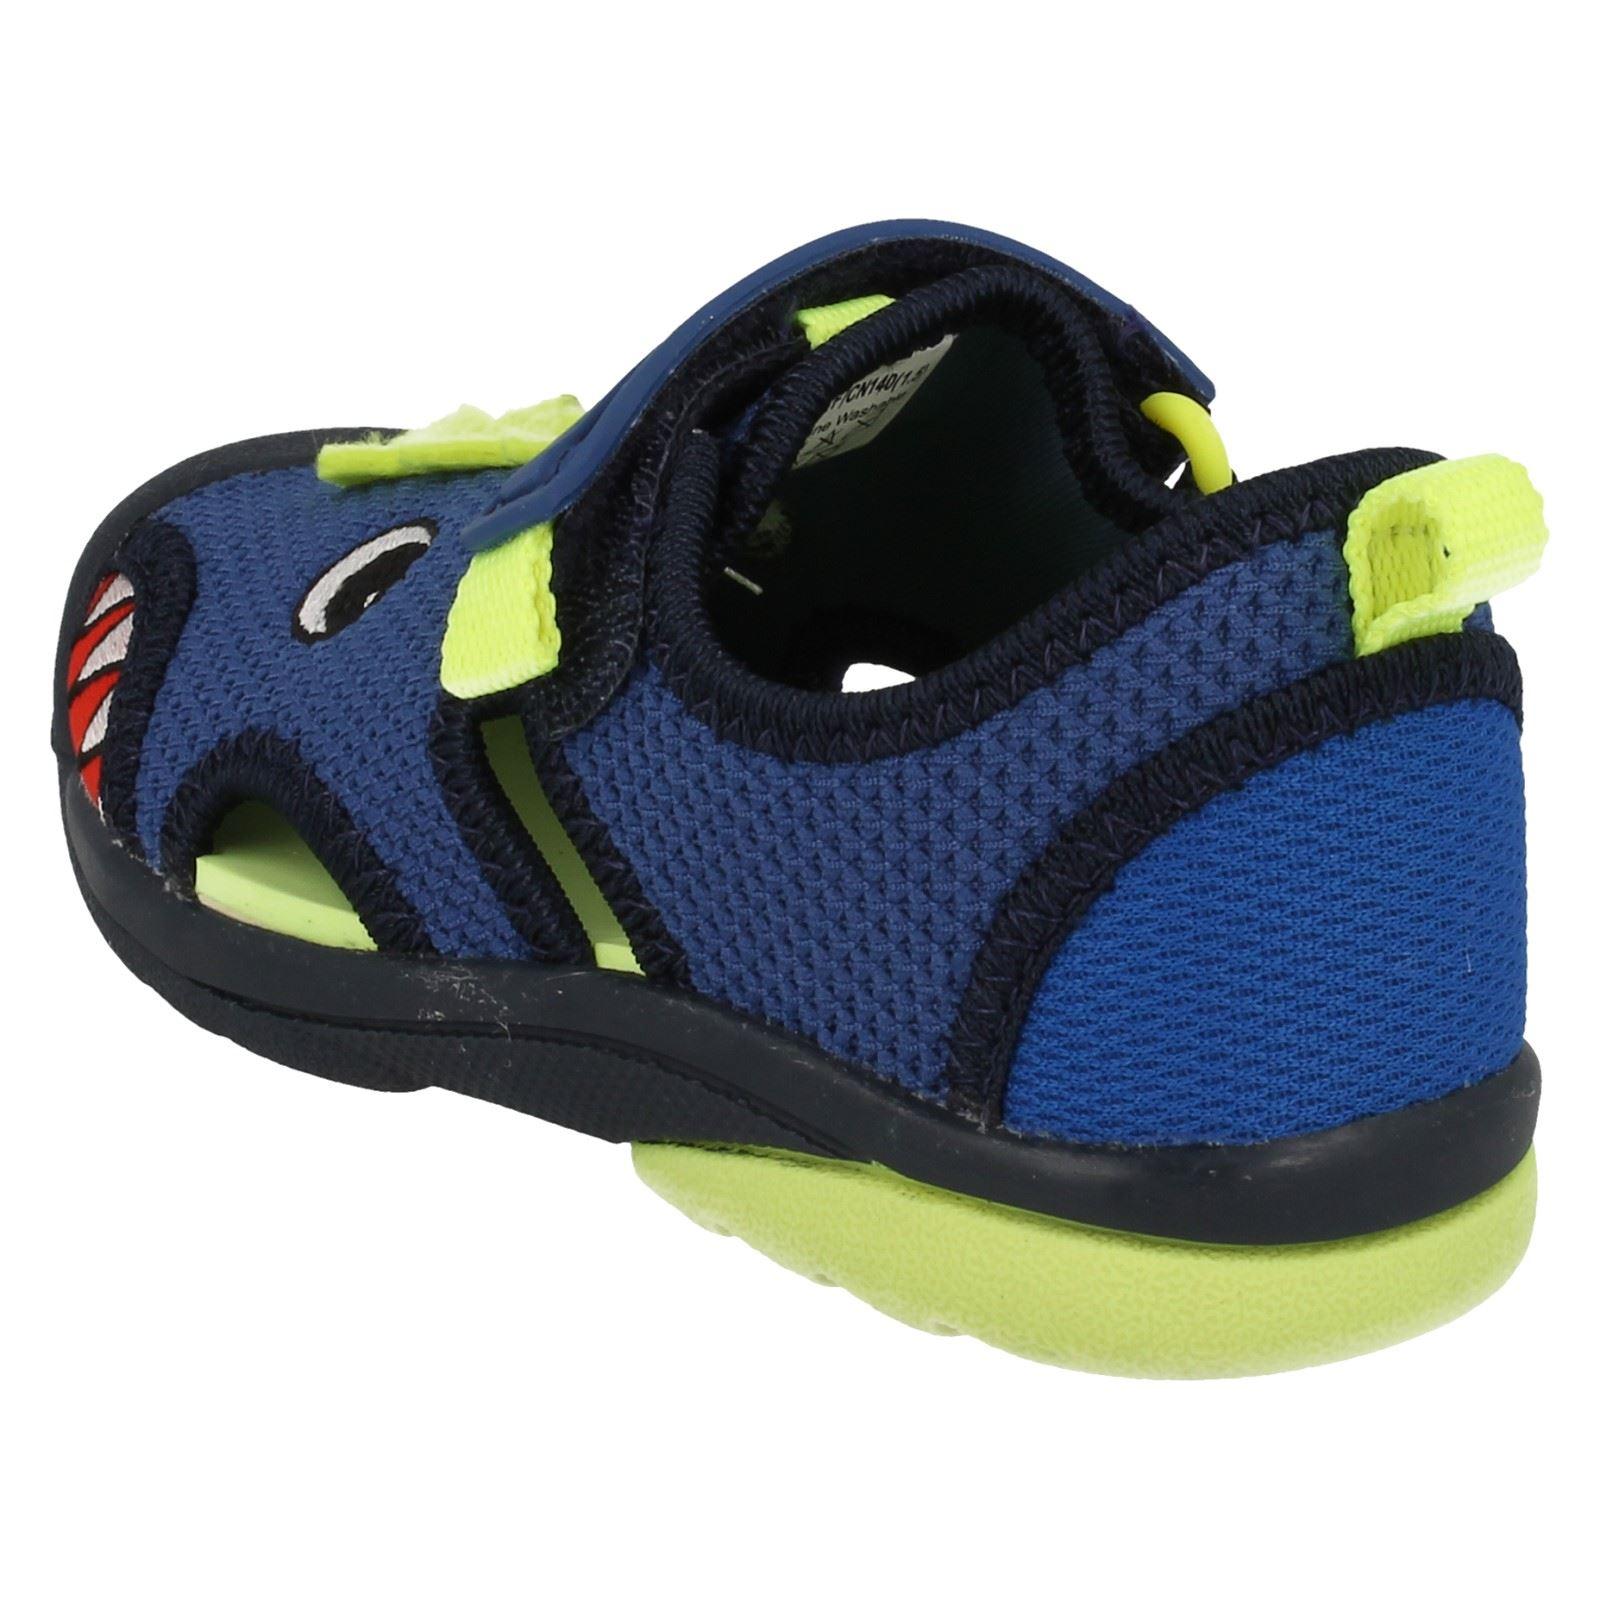 146b517bb484 Clarks-Boys-Beach-Shoes-Beach-Curl thumbnail 3